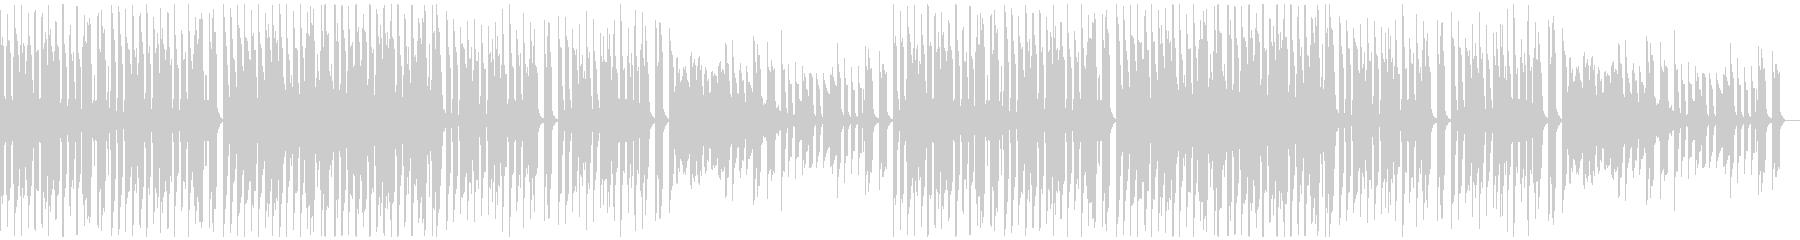 クール・スタイリッシュなBGM・4の未再生の波形